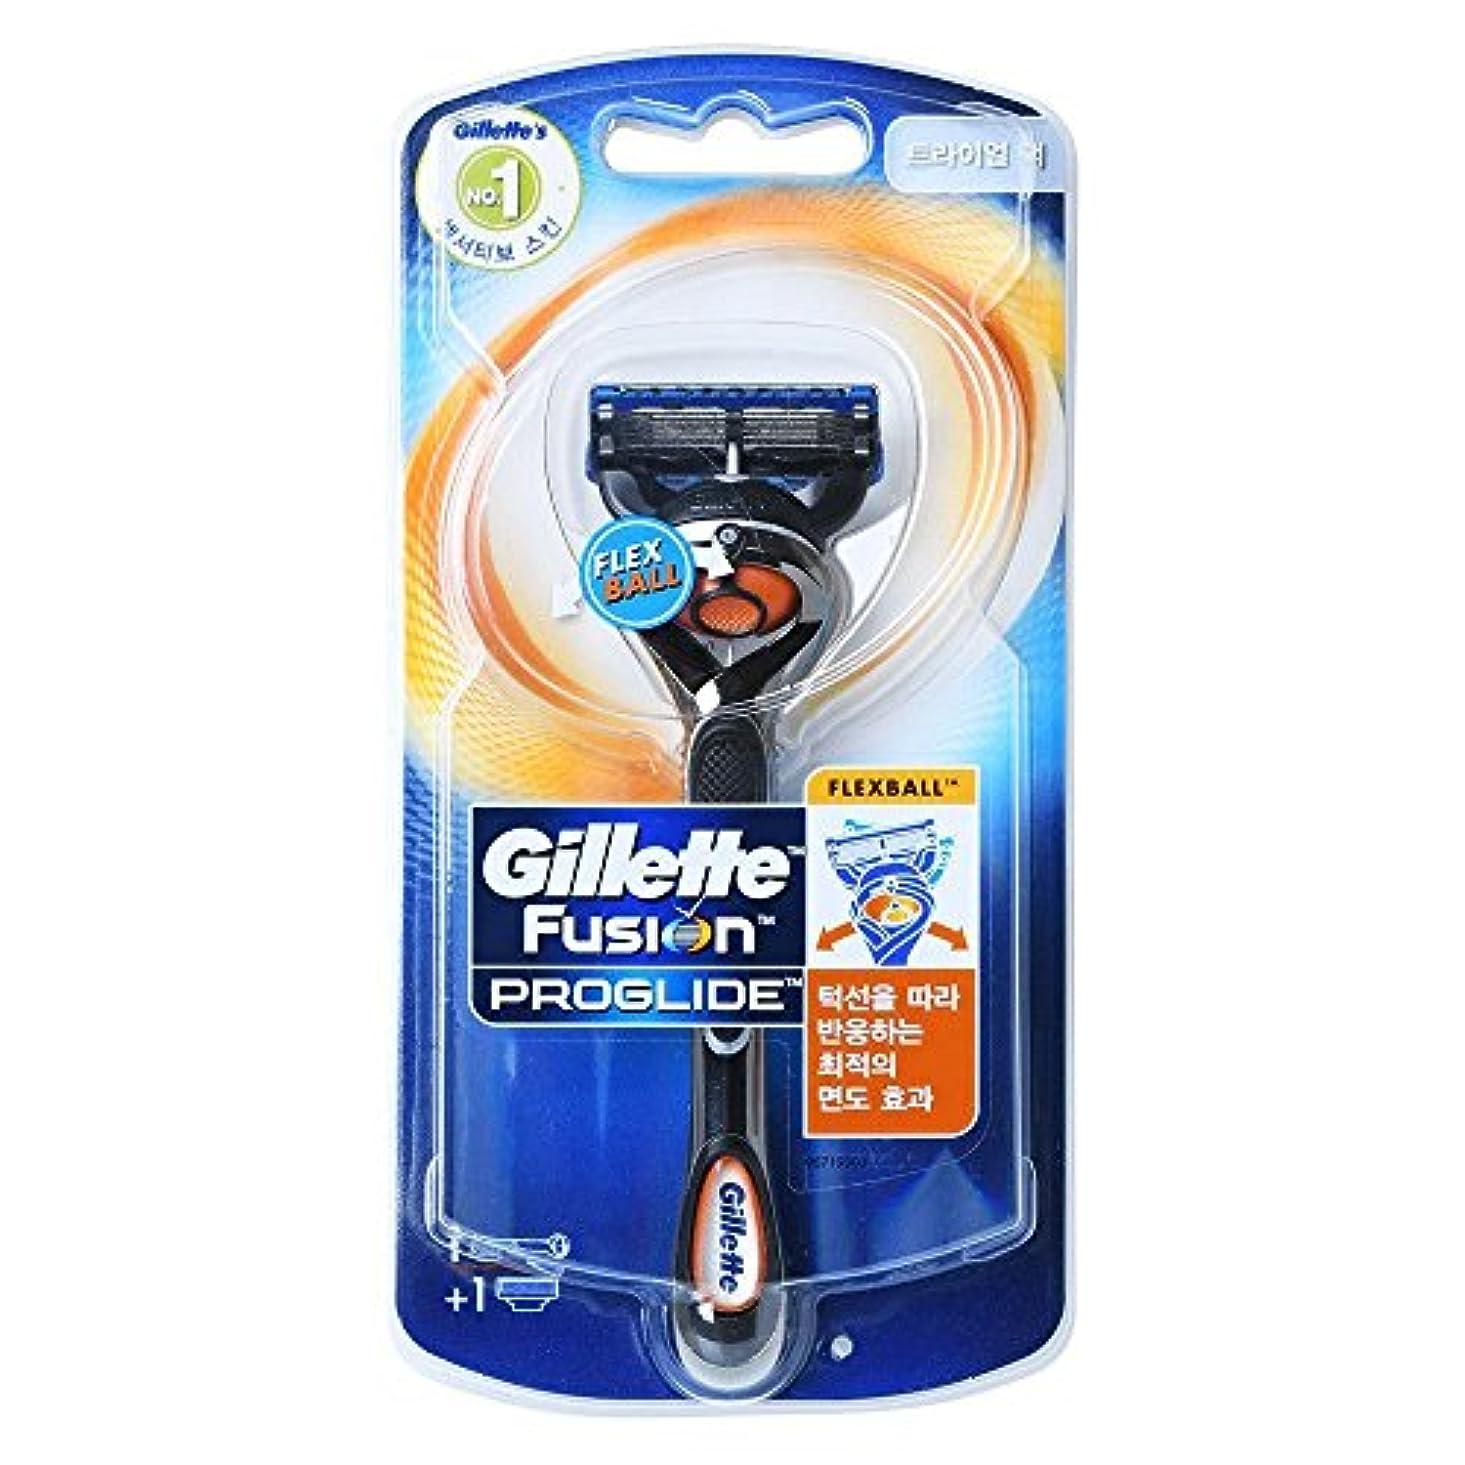 国内のみ繰り返しGillette Fusion Proglide Flexball Men's 1本のカミソリ1本でカミソリ1本 Trial pack [並行輸入品]